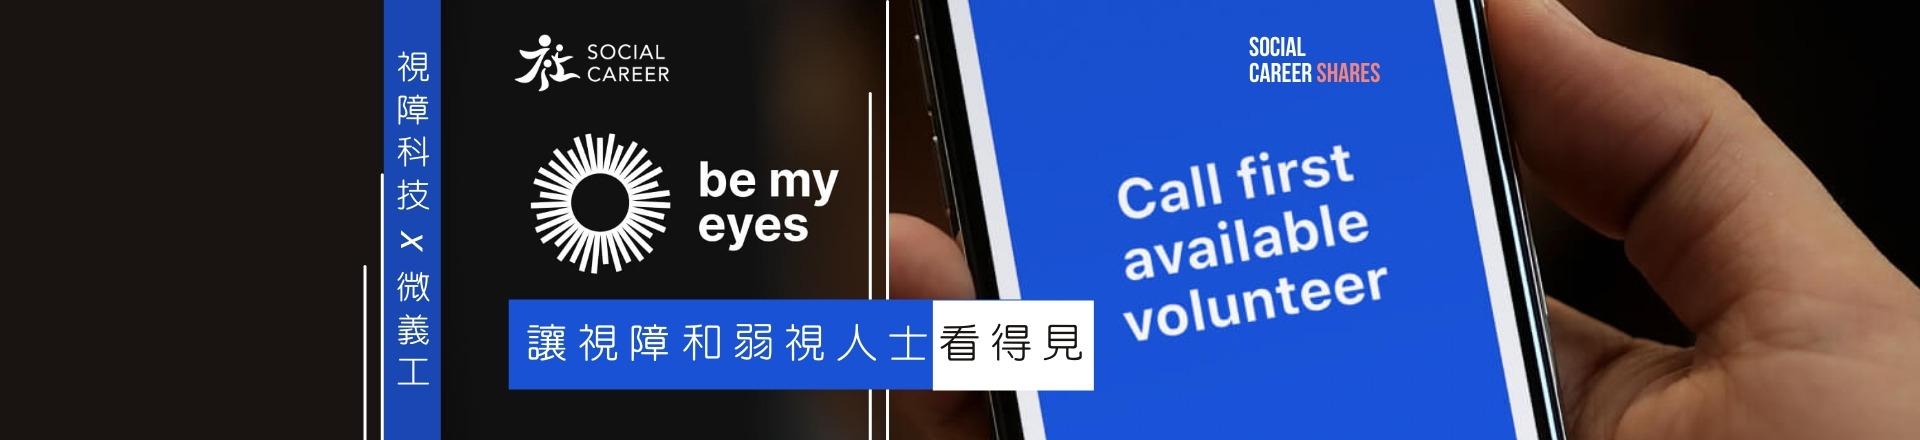 Be My Eyes 讓視障和弱視人士看得見 視障輔助科技手機應用程式